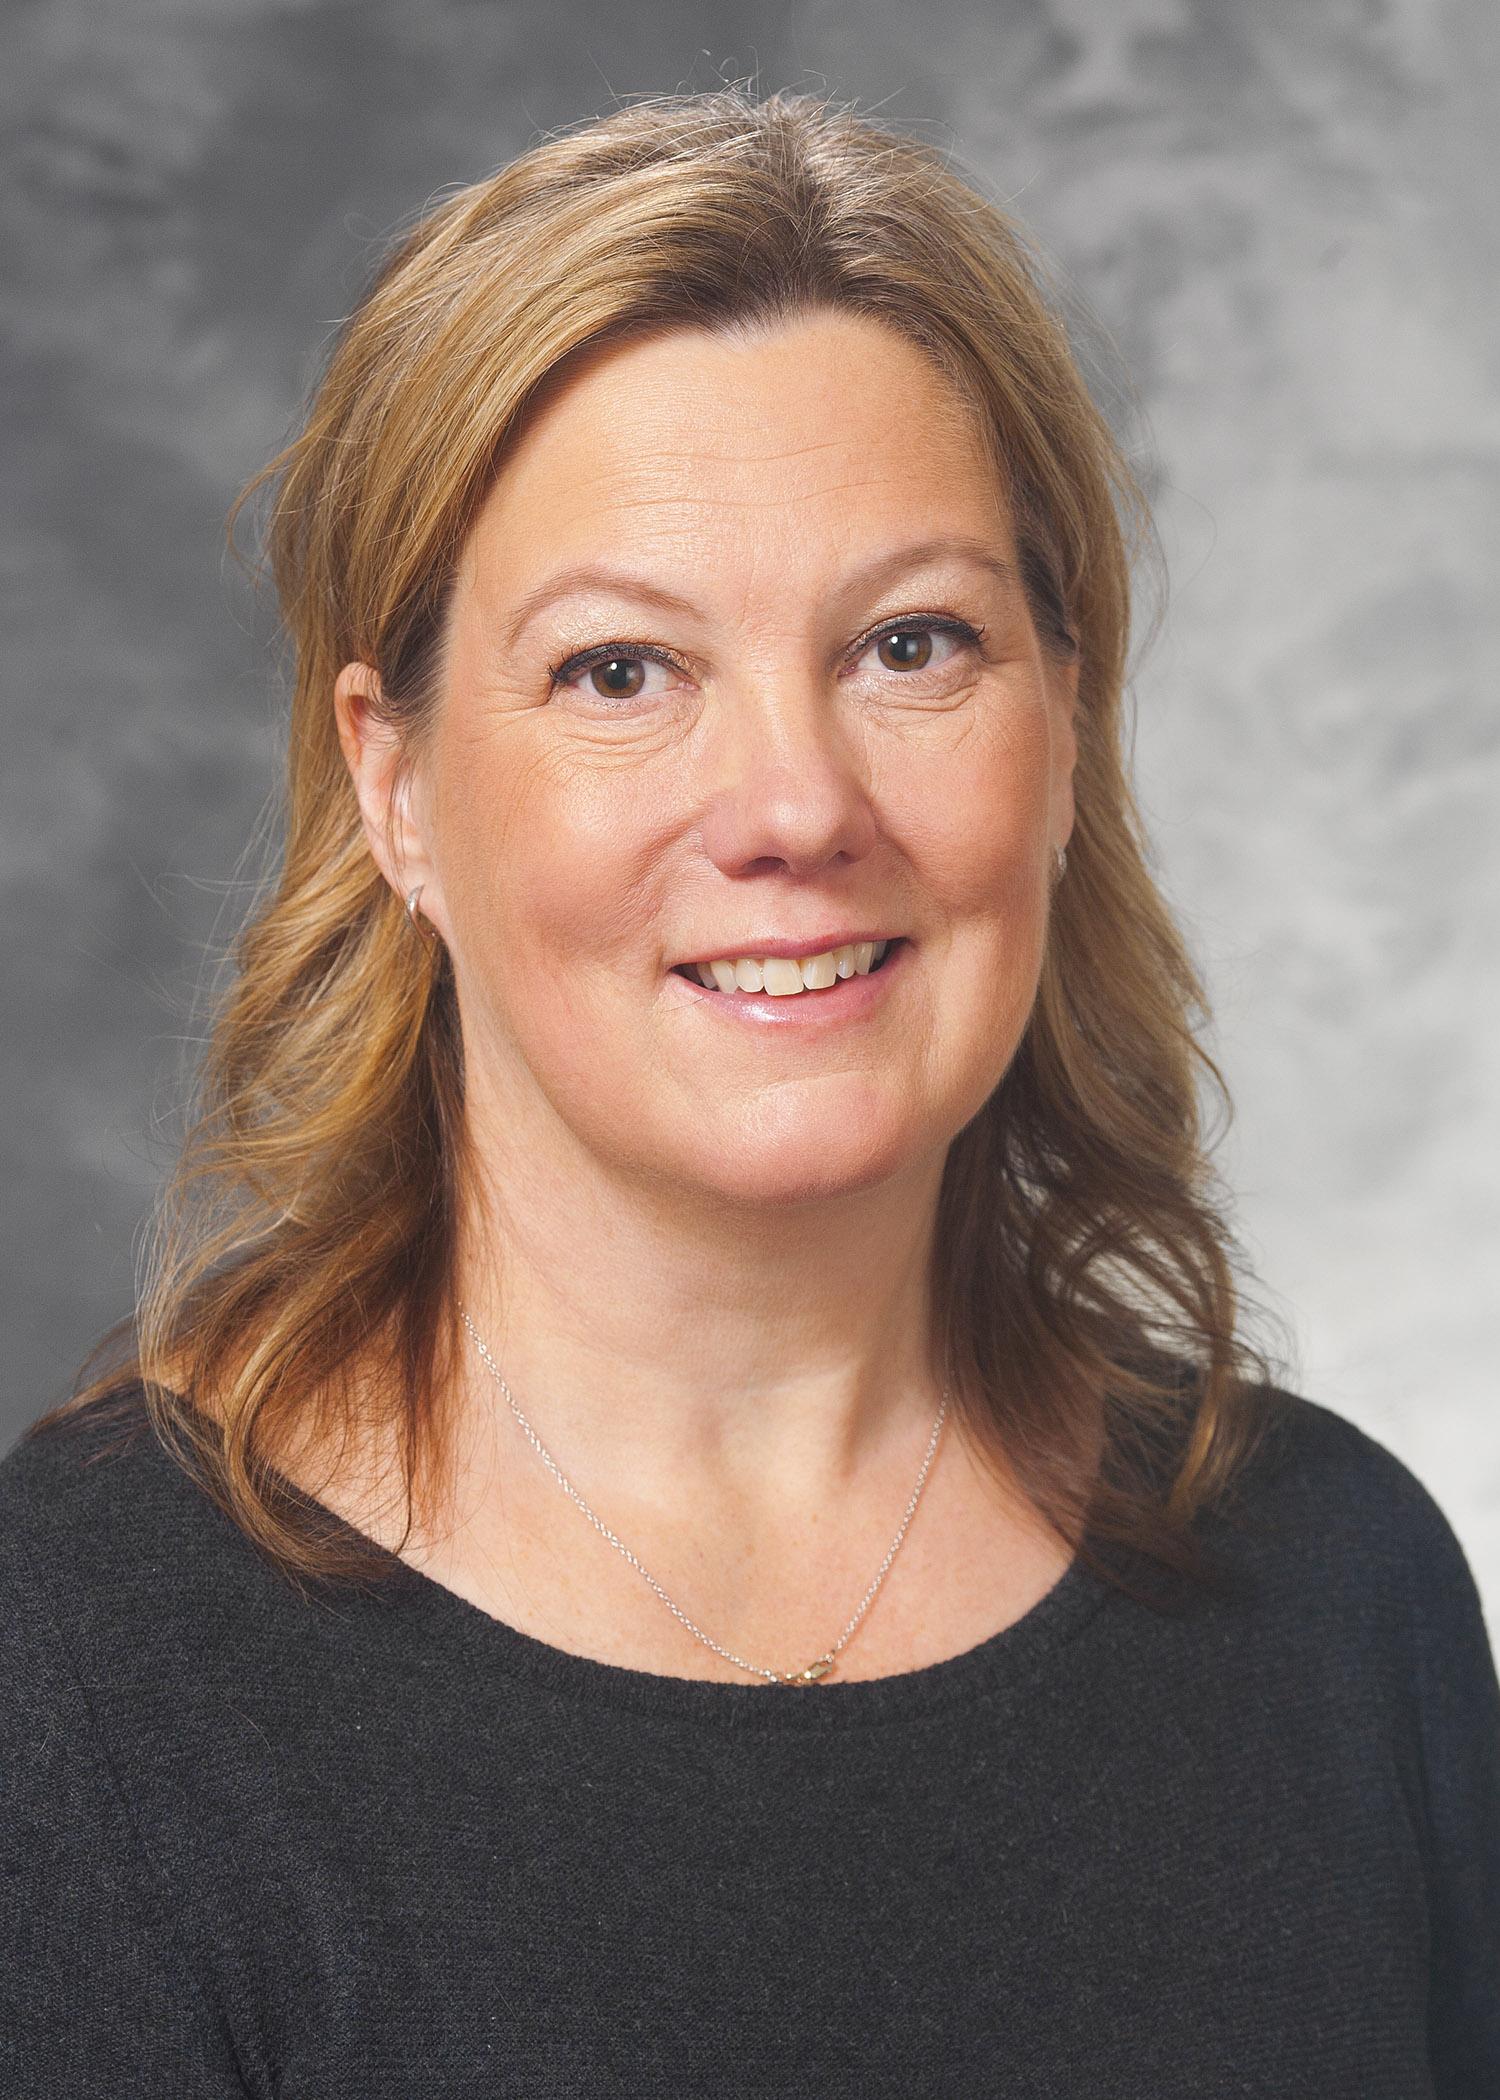 Dr. Jill Kolesar